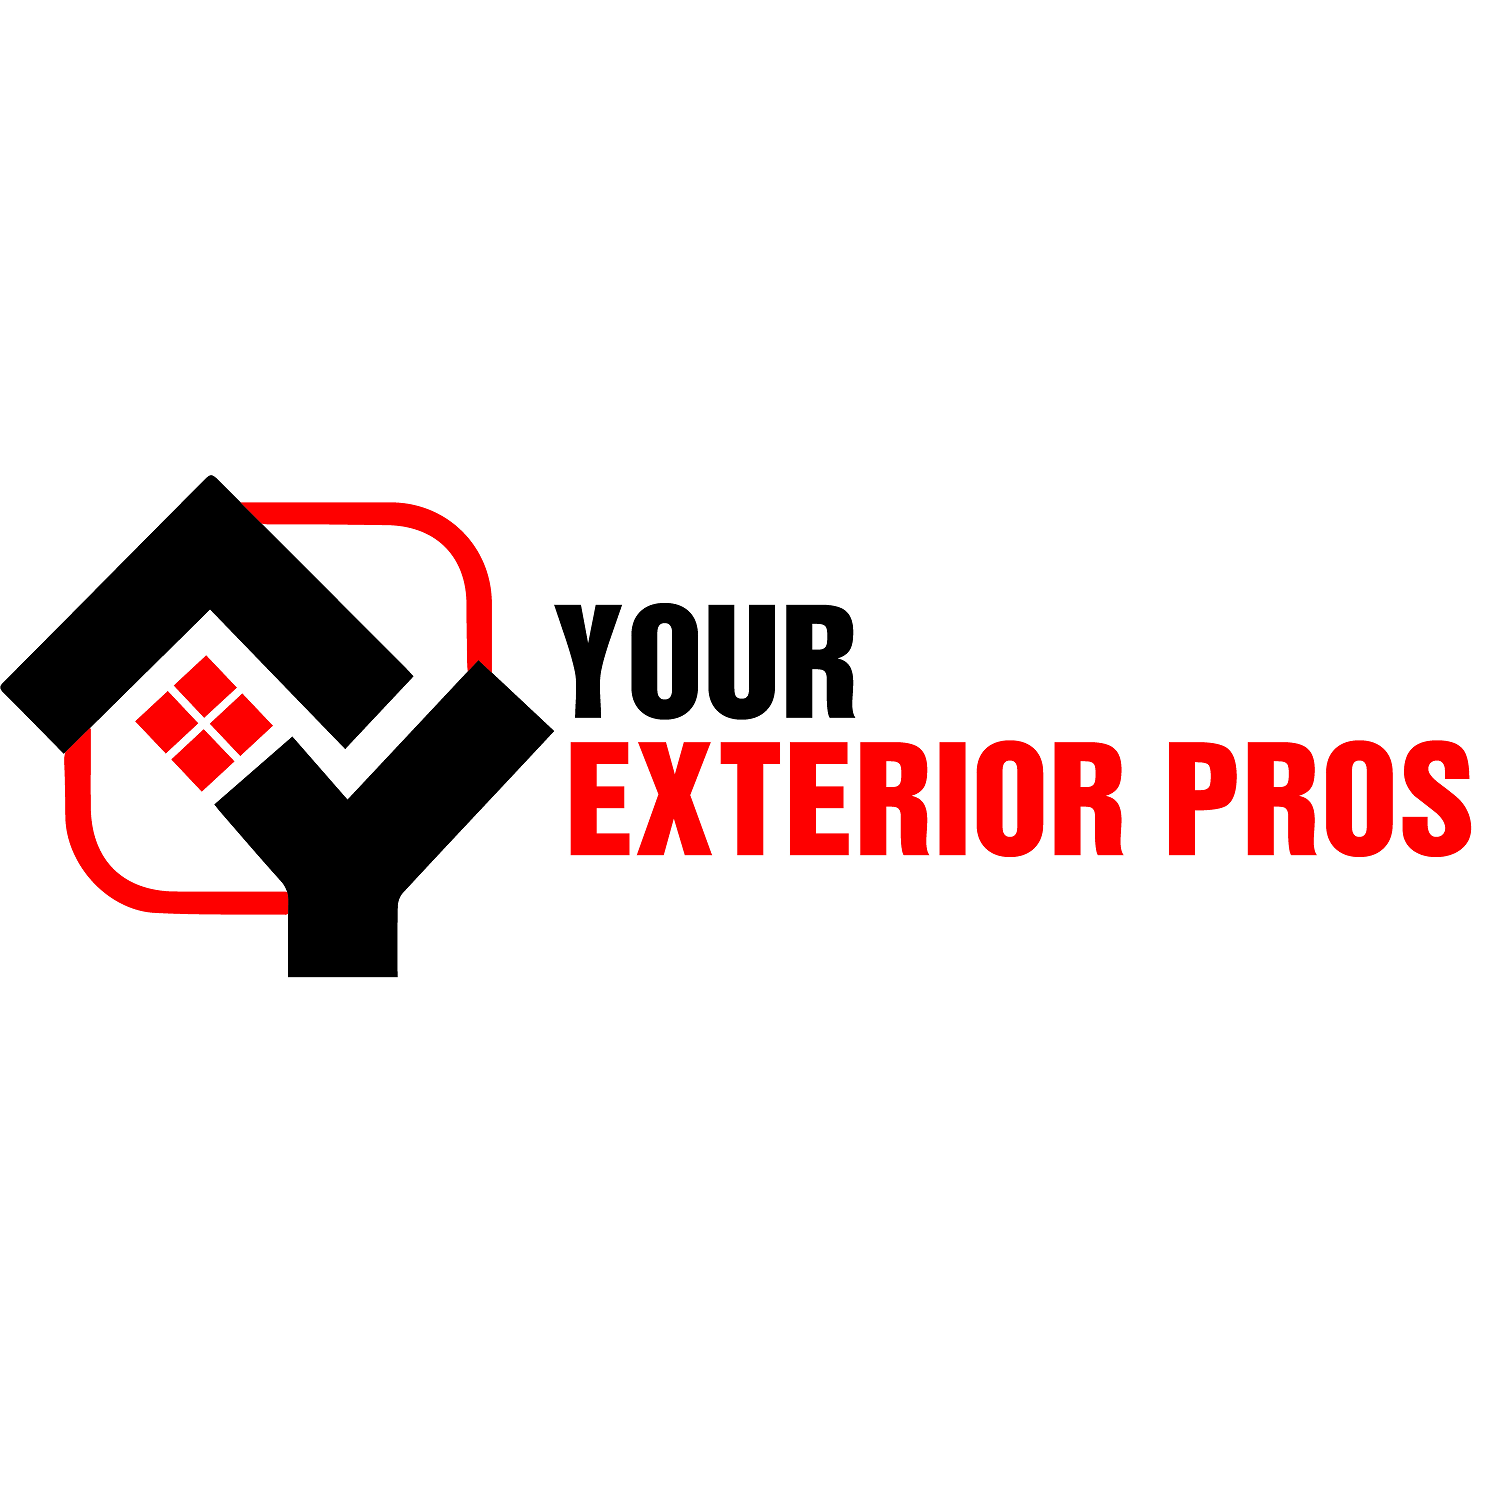 Your Exterior Pros - Beaufort, SC 29902 - (843)410-5877 | ShowMeLocal.com